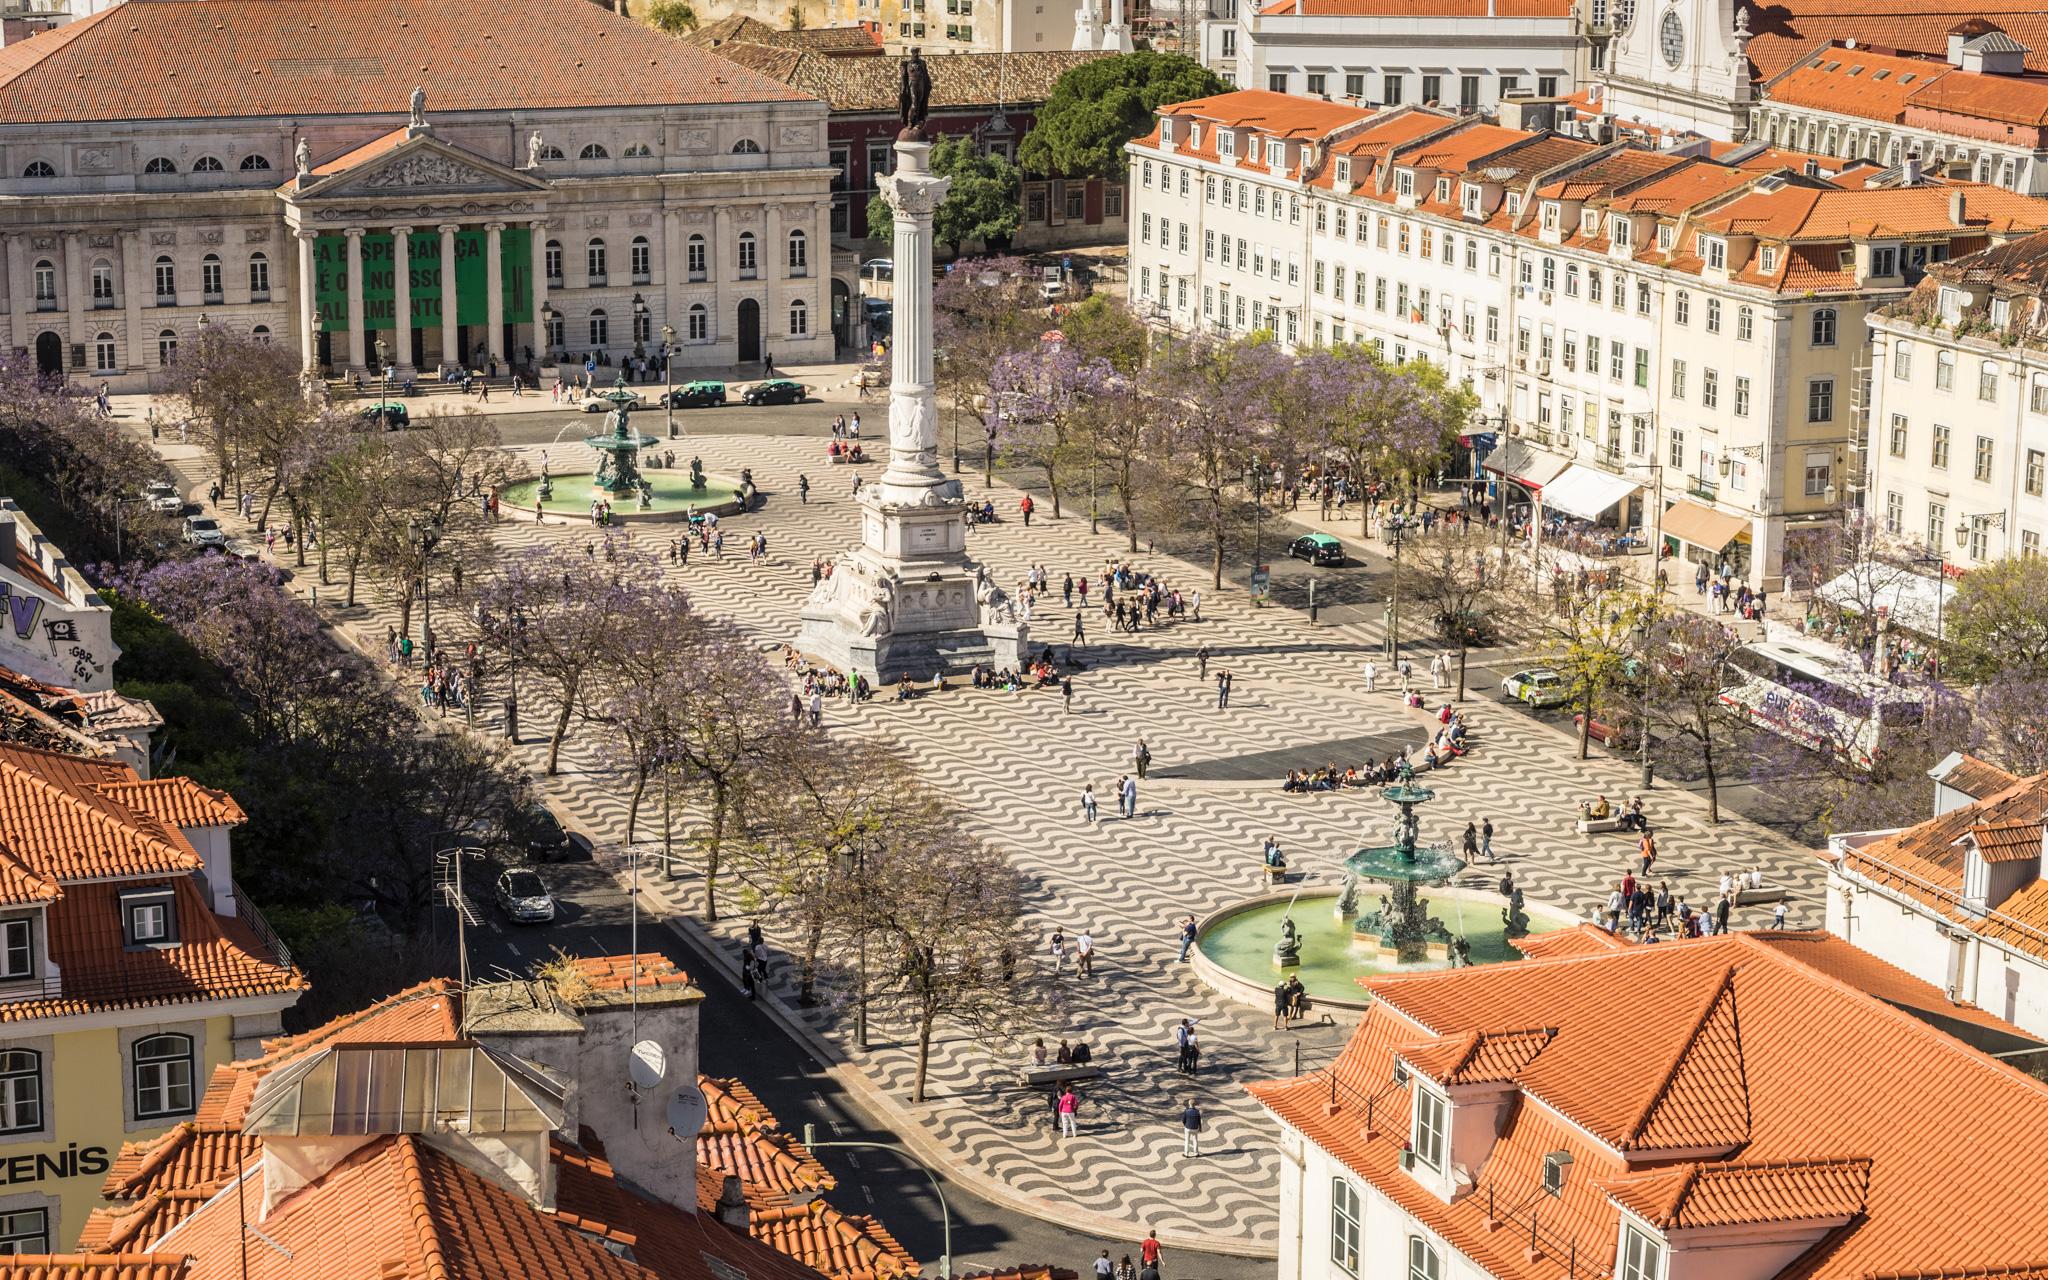 Praça Rossio - Rossio Square, Portugal